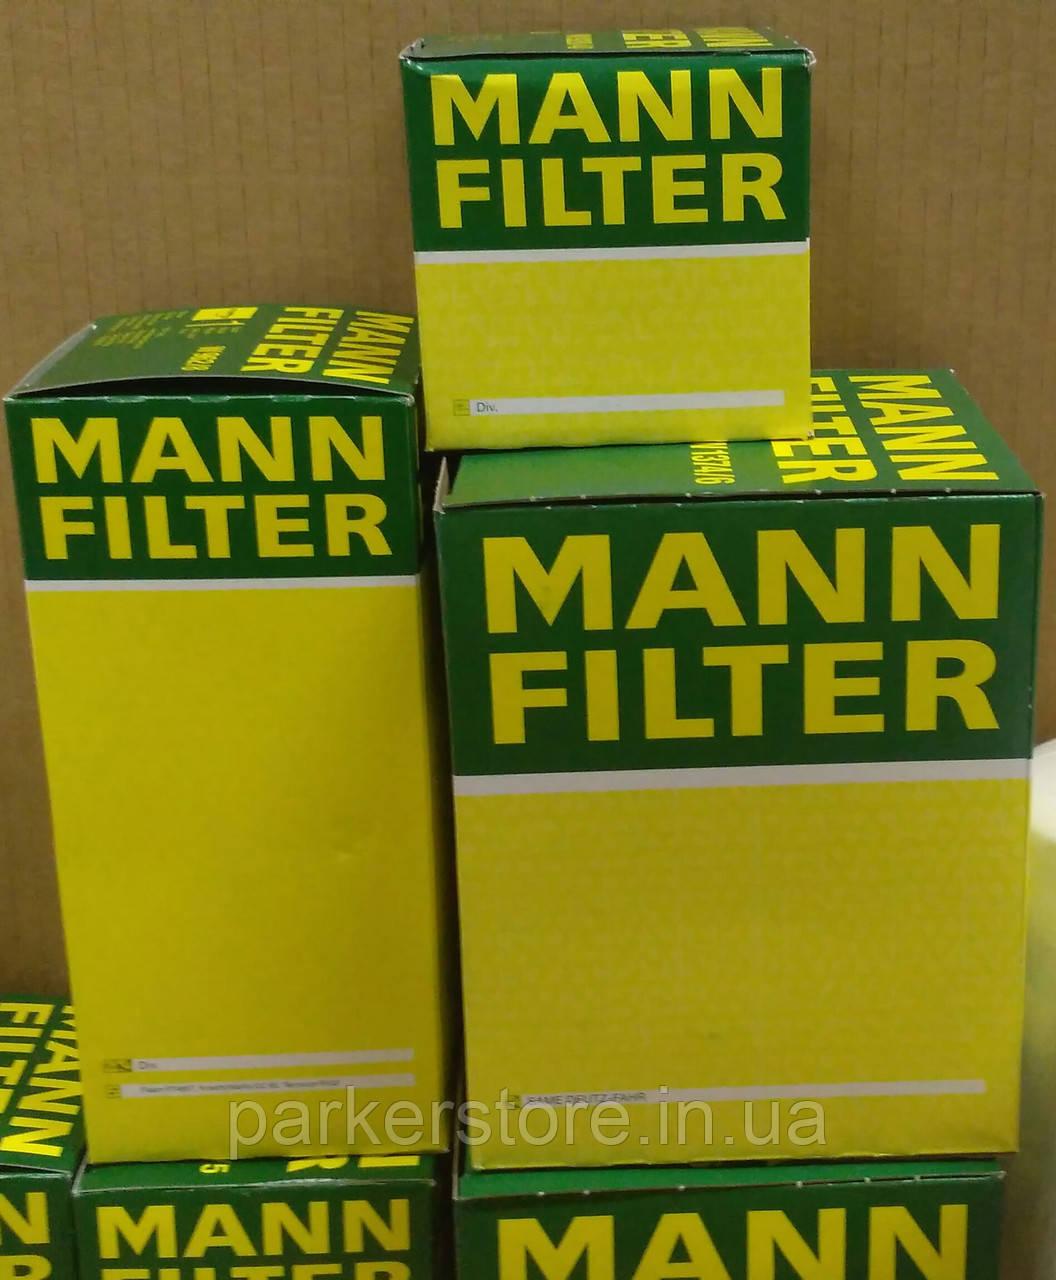 MANN FILTER / Воздушный фильтр / C 25 146 / C25146